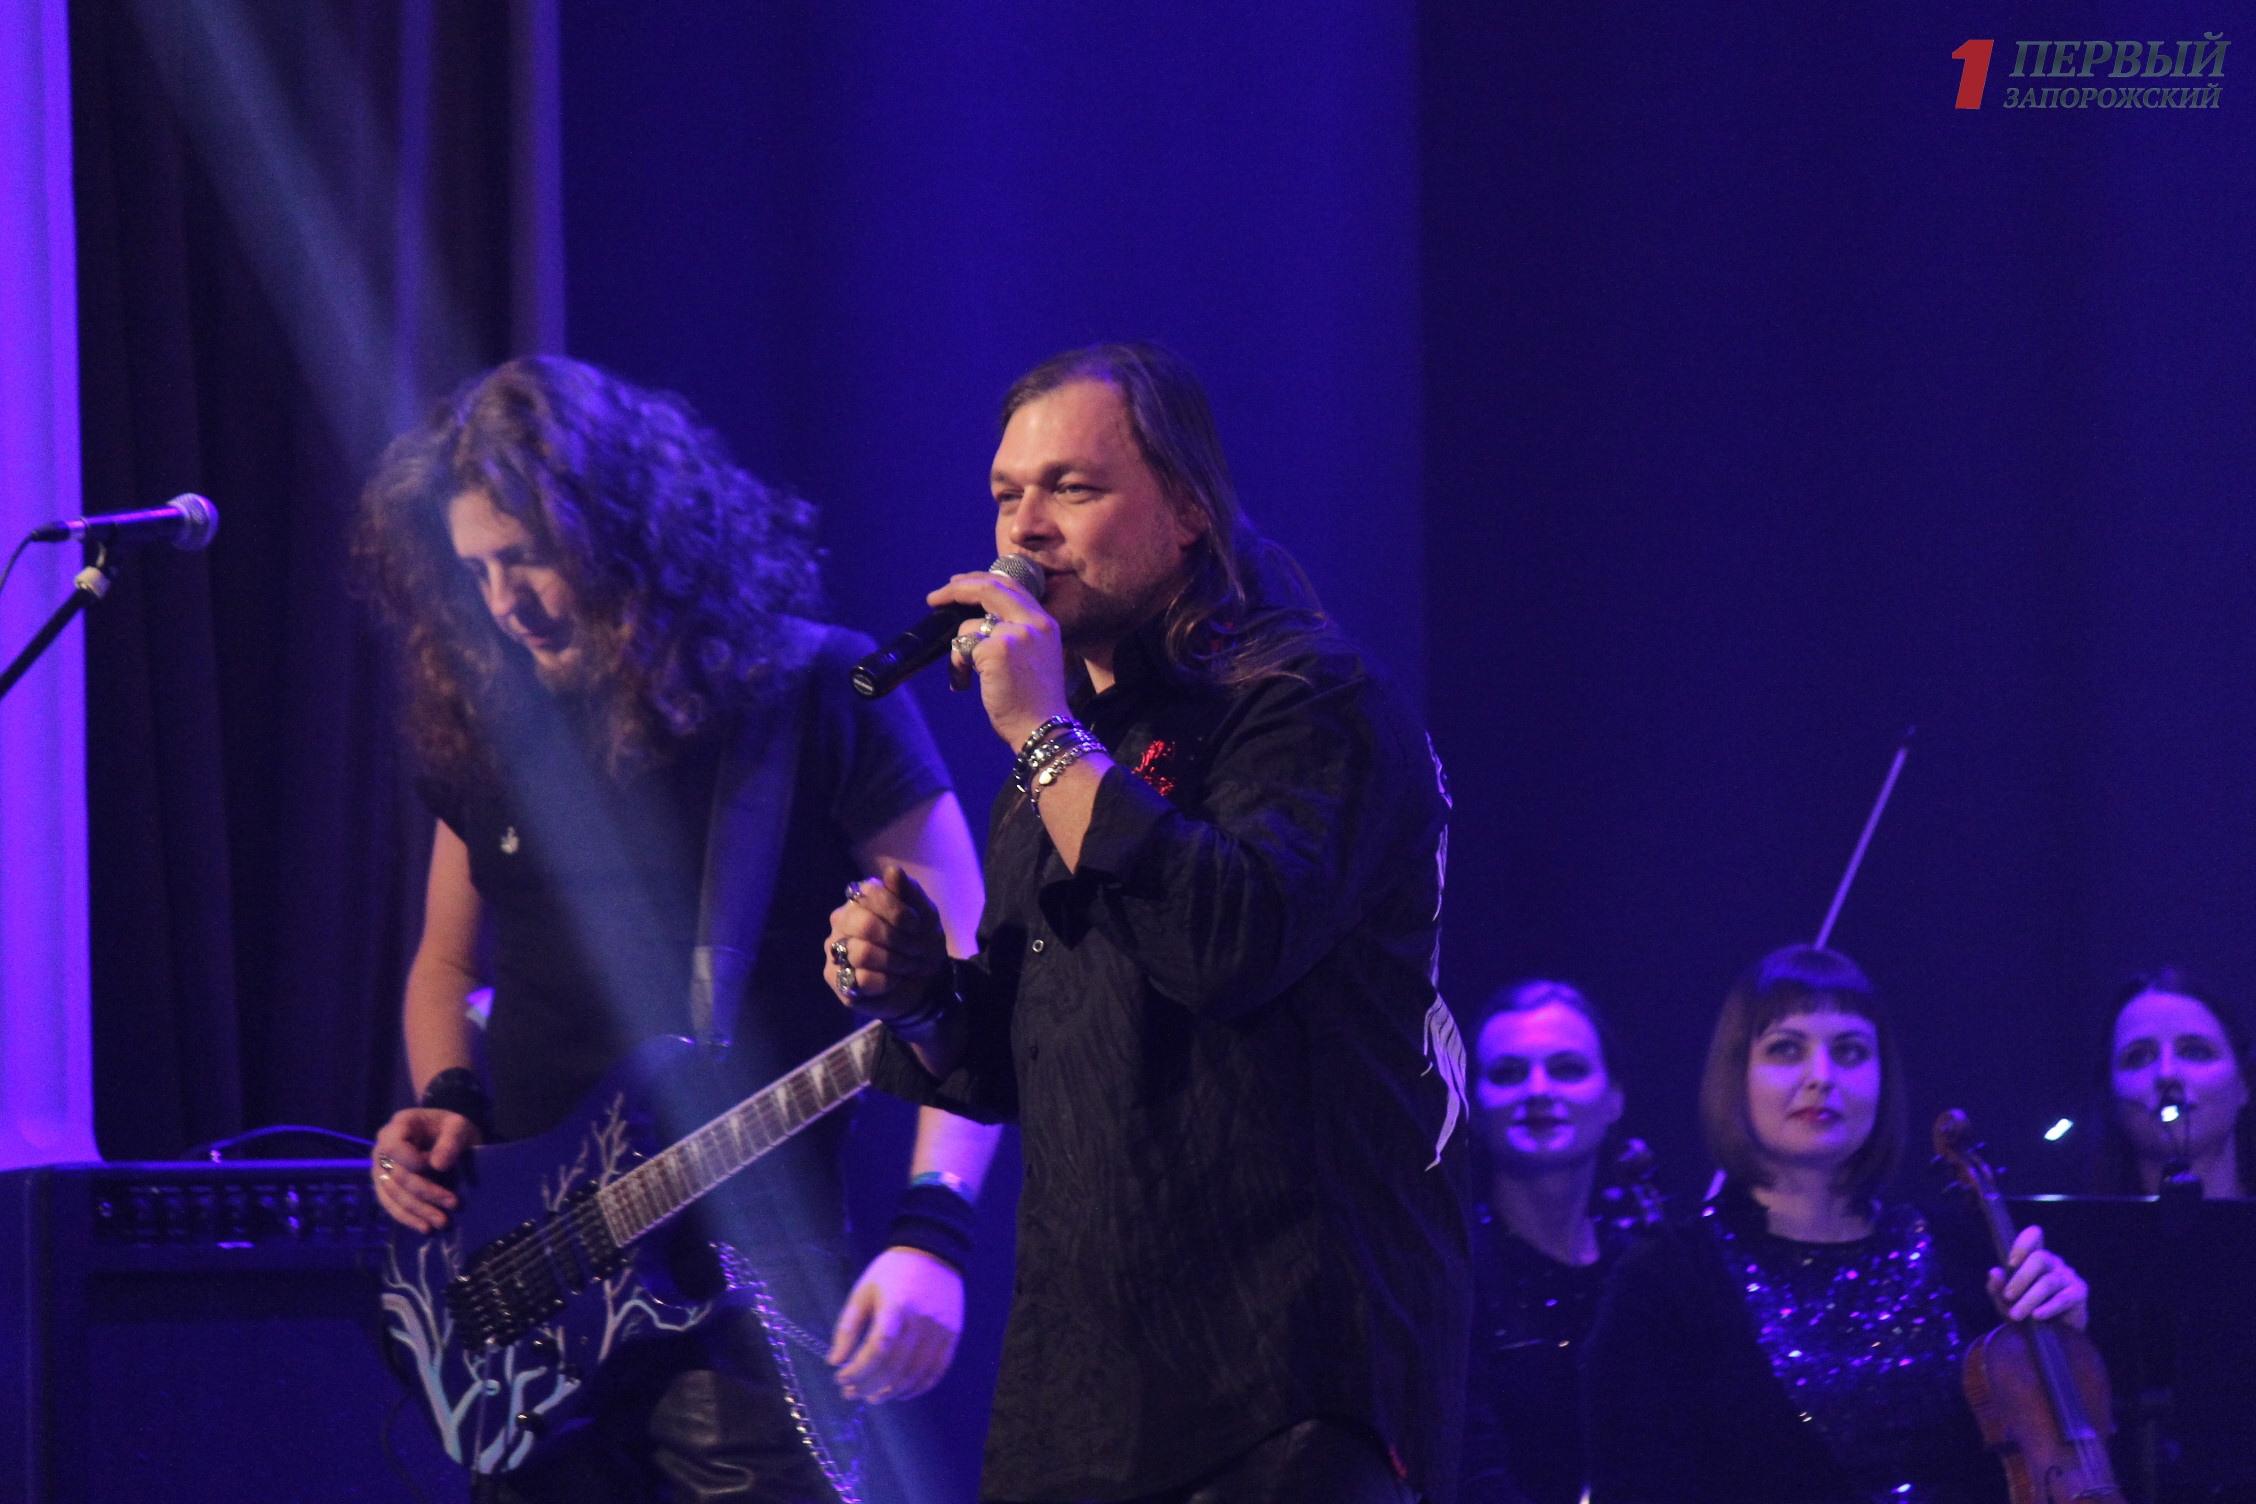 Концерт Hard Rock Show в Запорожье: знаменитые рок-песни приобрели новое симфоническое звучание - ФОТО